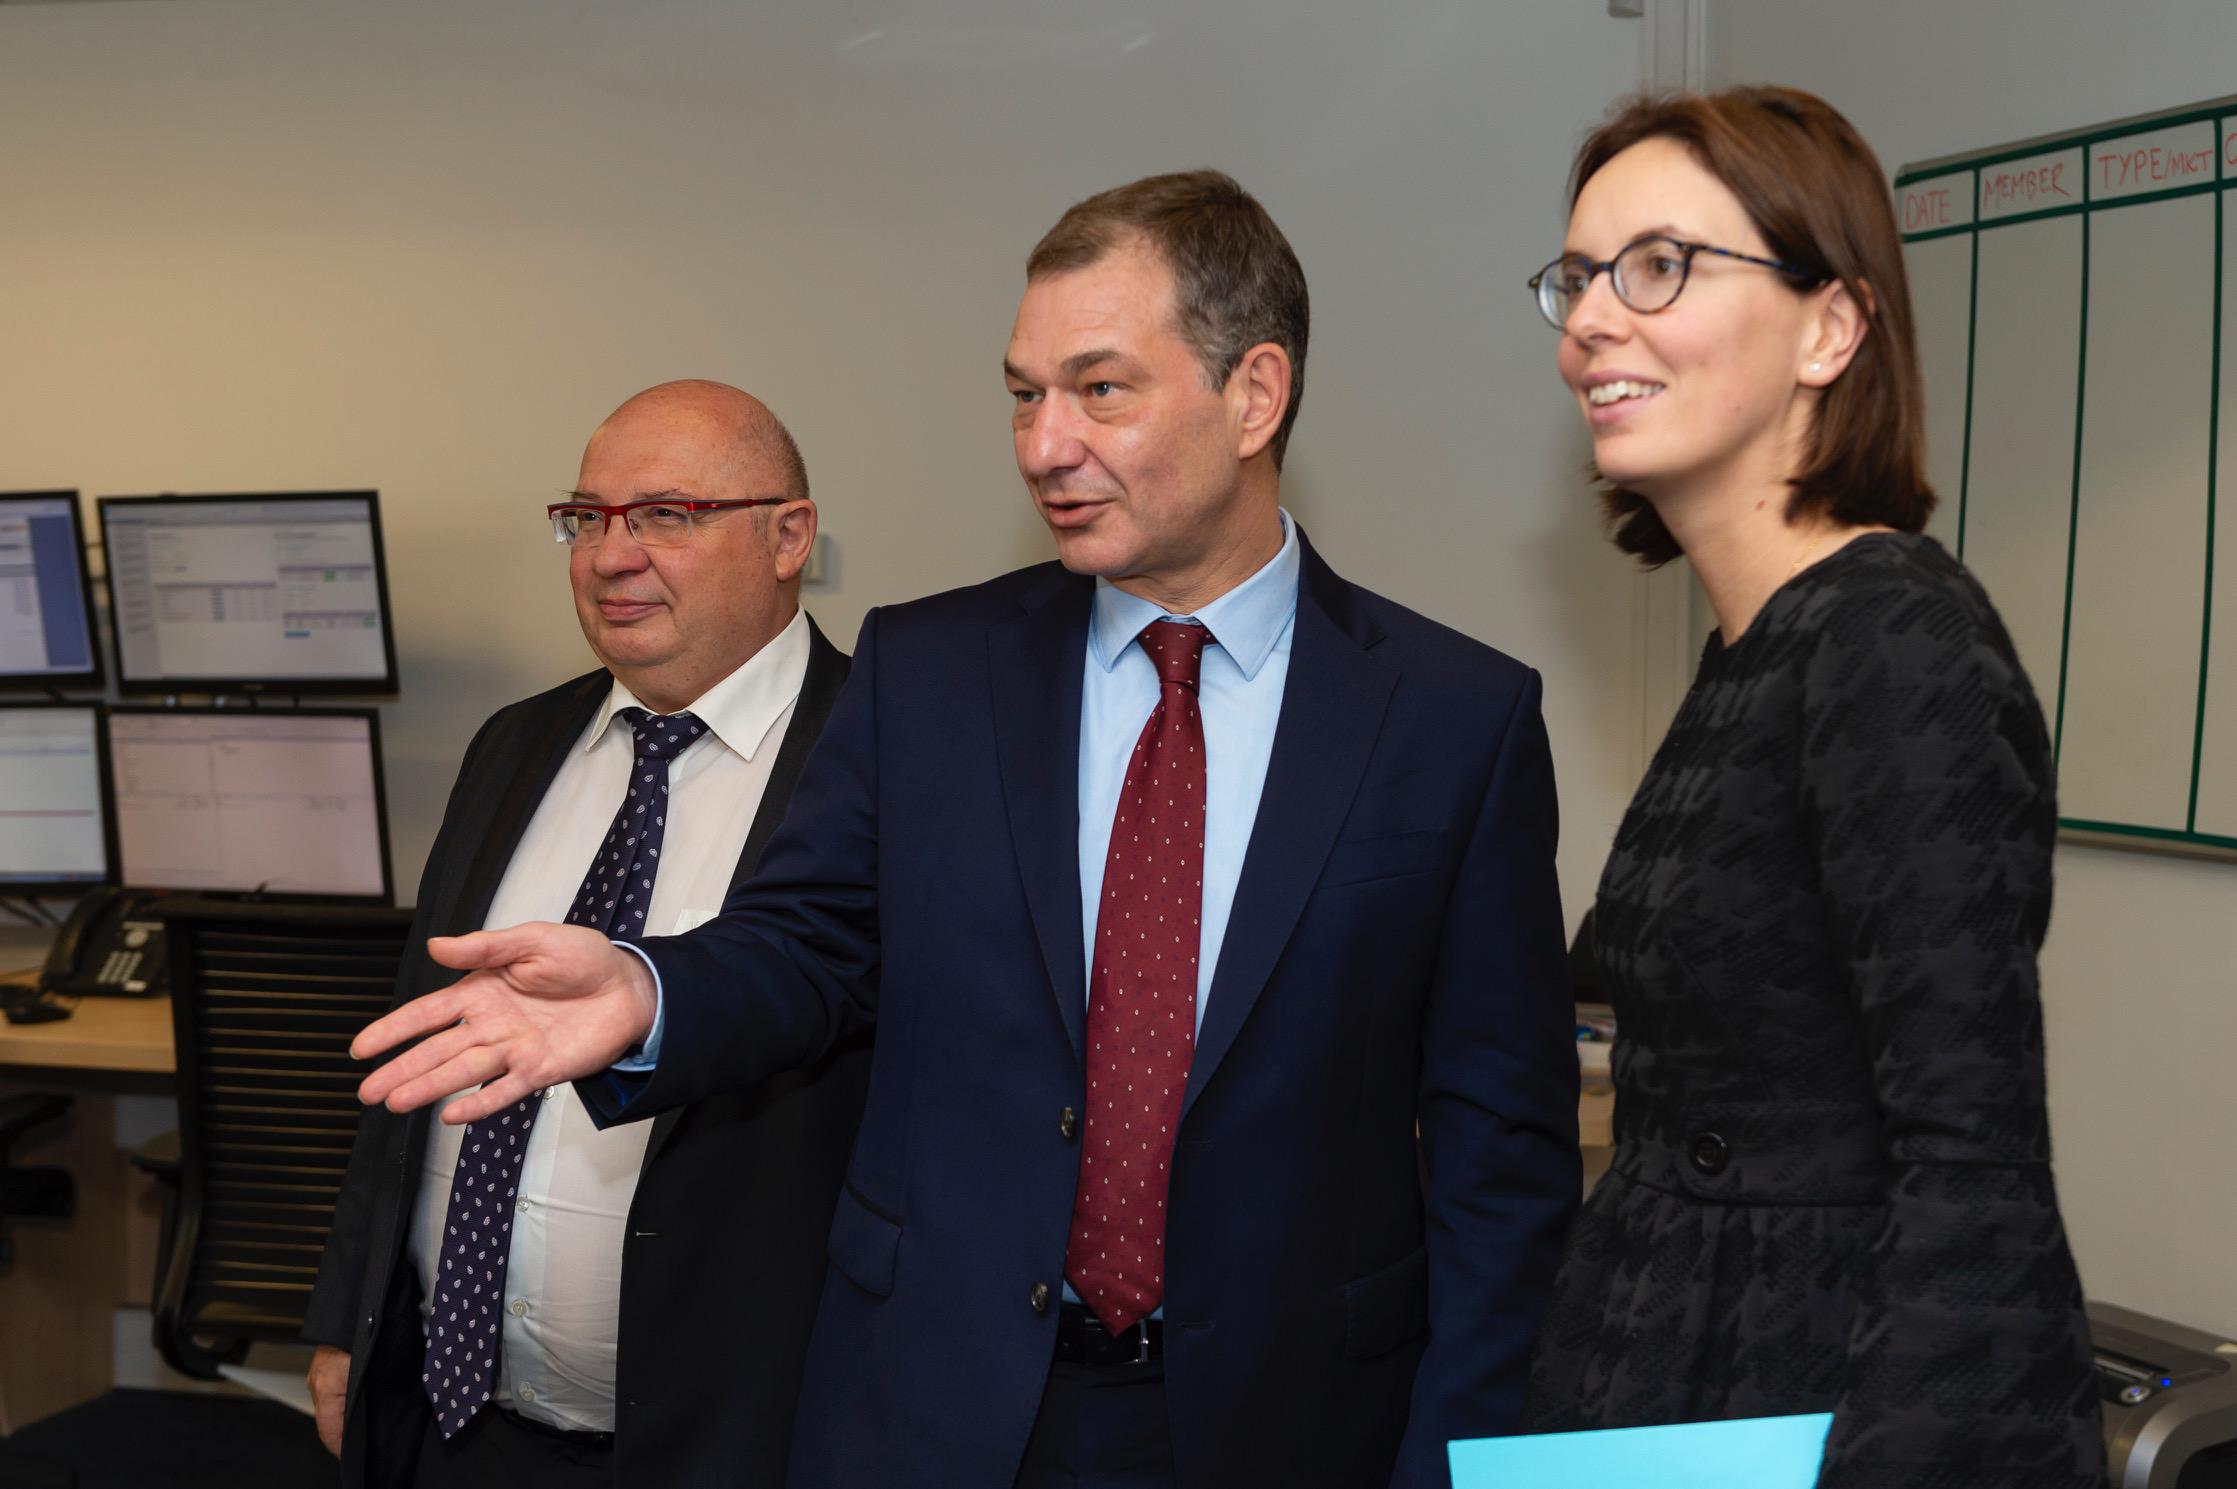 francois brottes ralph danielski et amelie de montchalin secretaire detat chargee des affaires europeennes